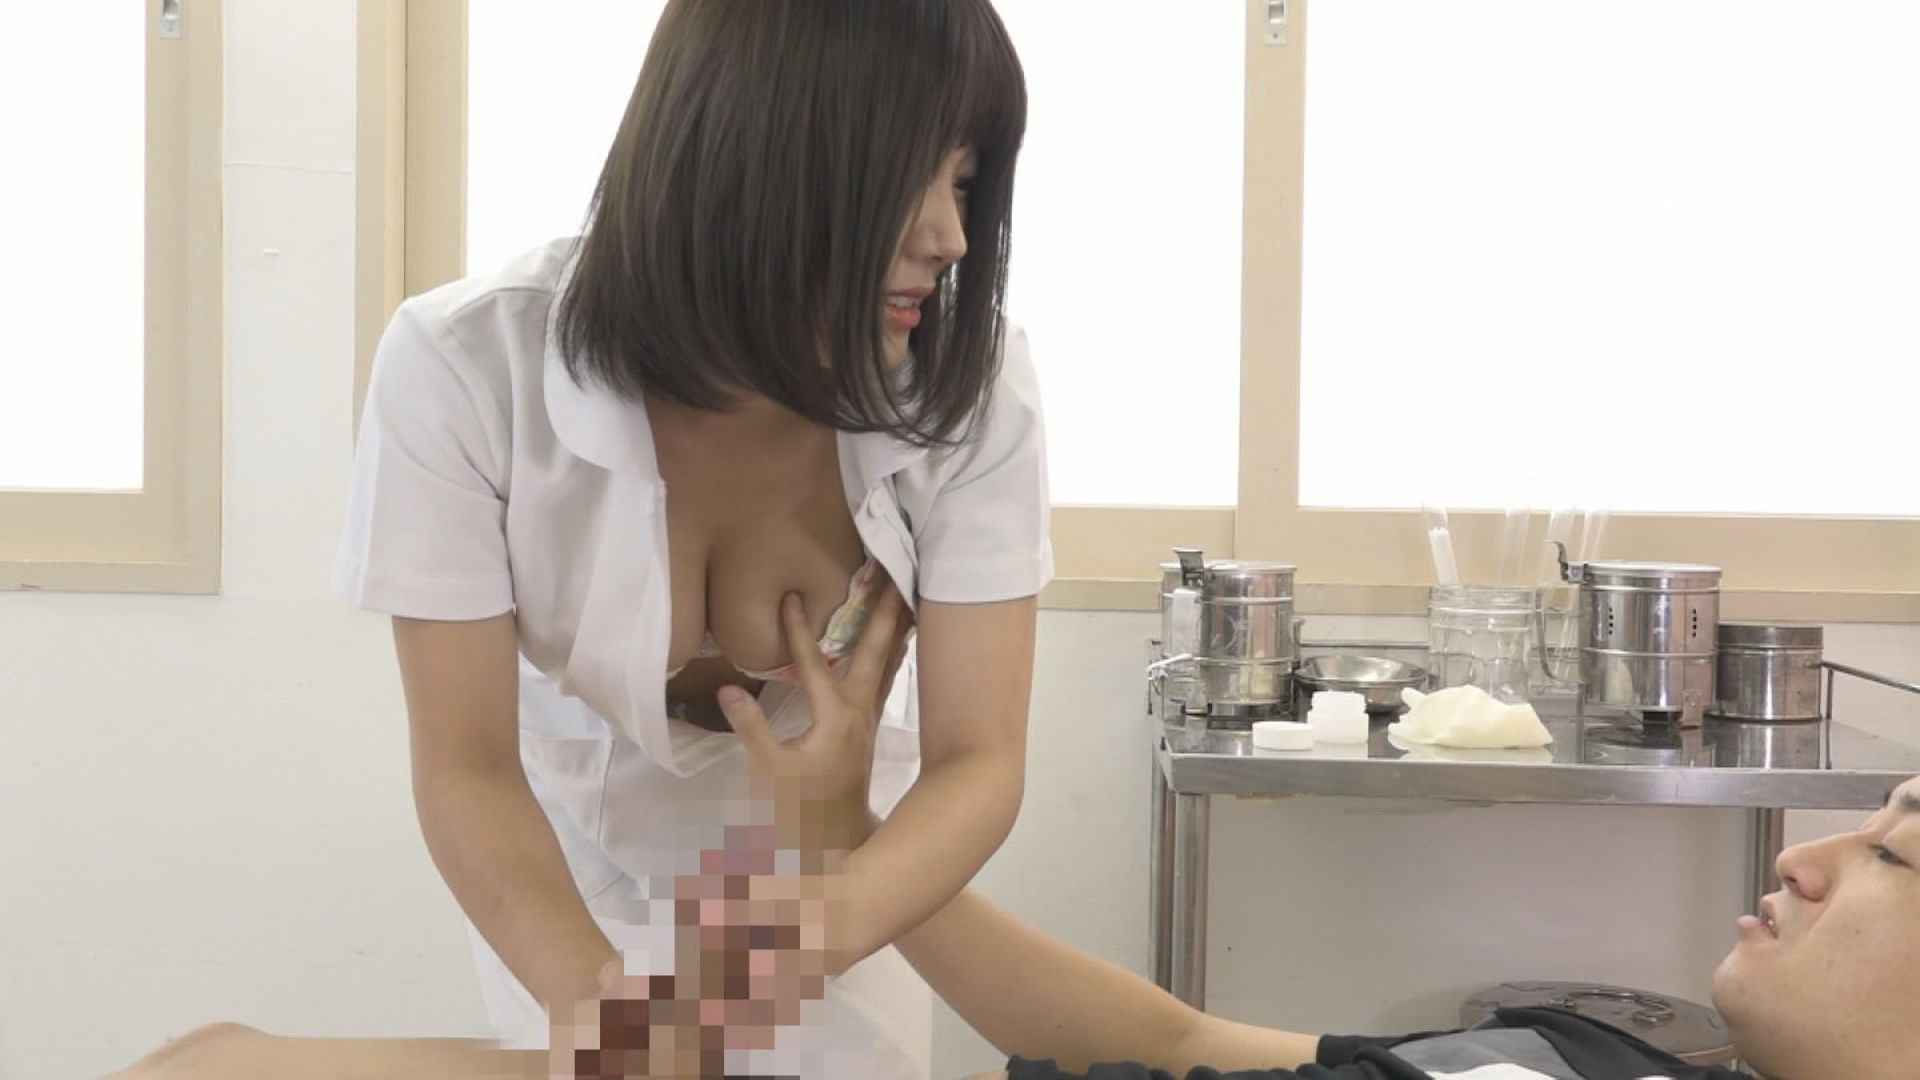 美人の先生がいる皮膚科に行って腫れたチンコを診てもらう流れでヌイてもらいたい(10),のサンプル画像16